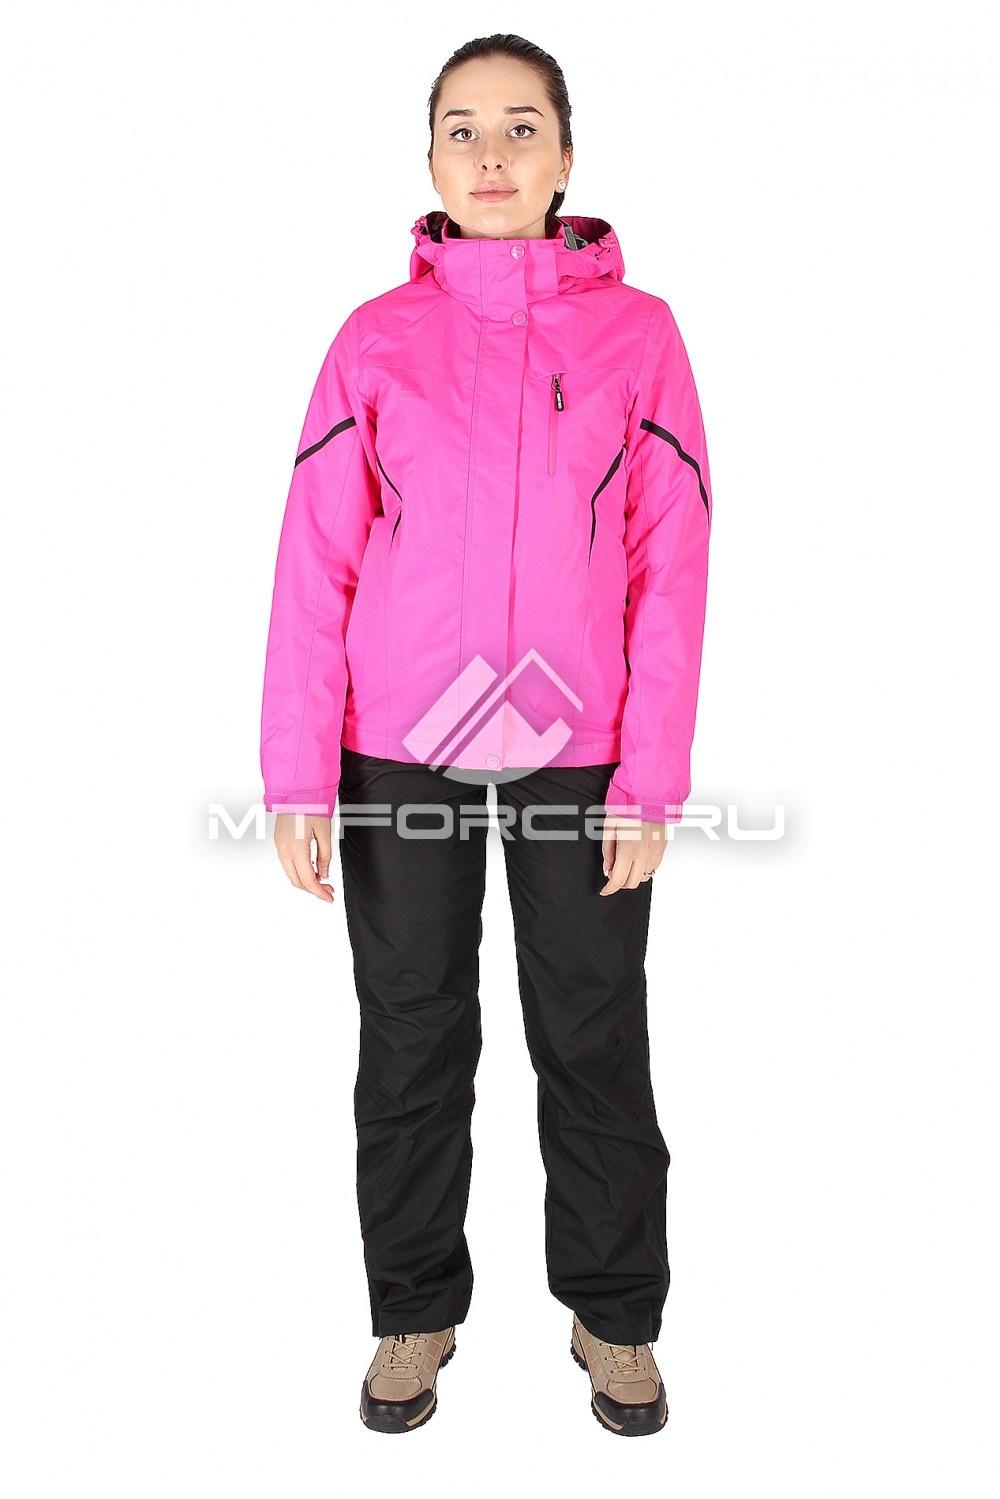 Купить                                  оптом Костюм женский розового цвета 01615R в Новосибирске